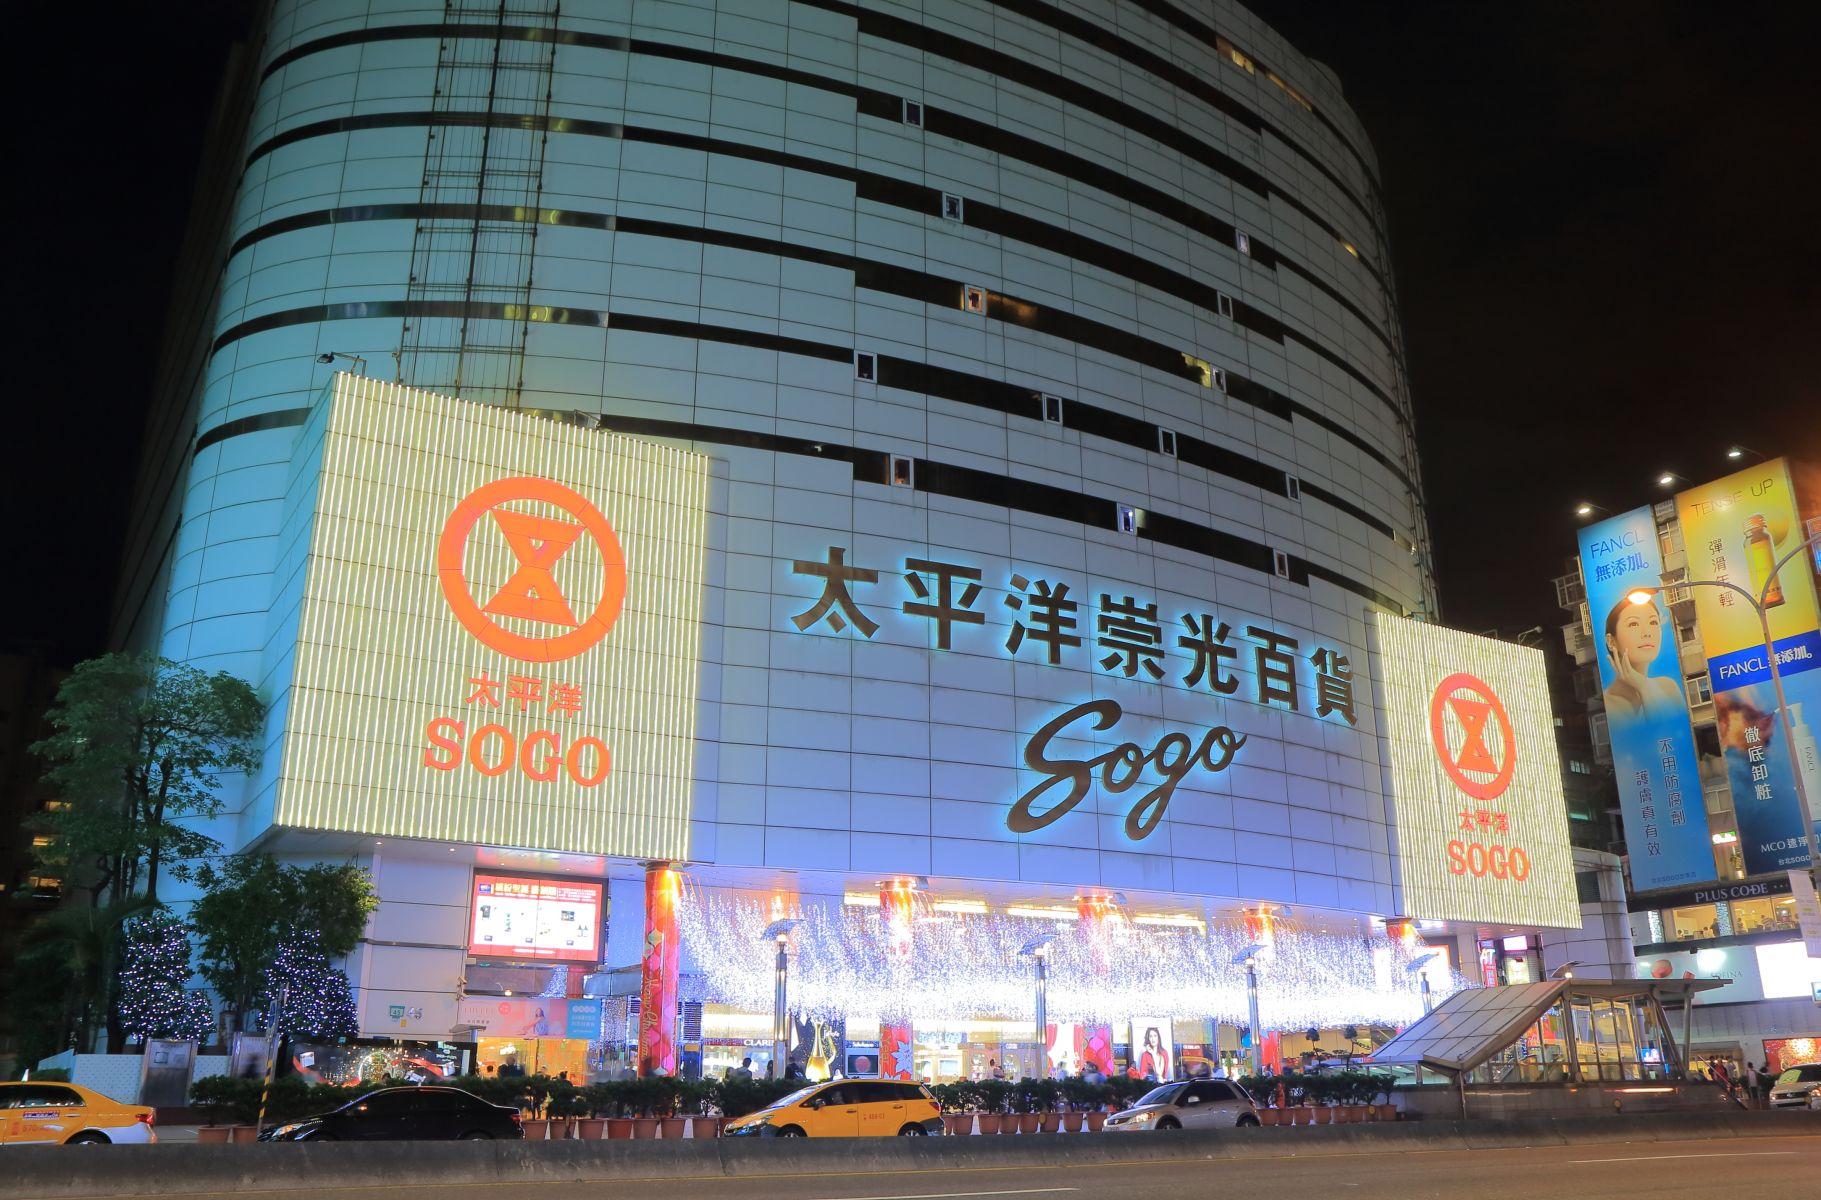 公司法修法三讀通過 SOGO條款確定無法追溯徐旭東經營權